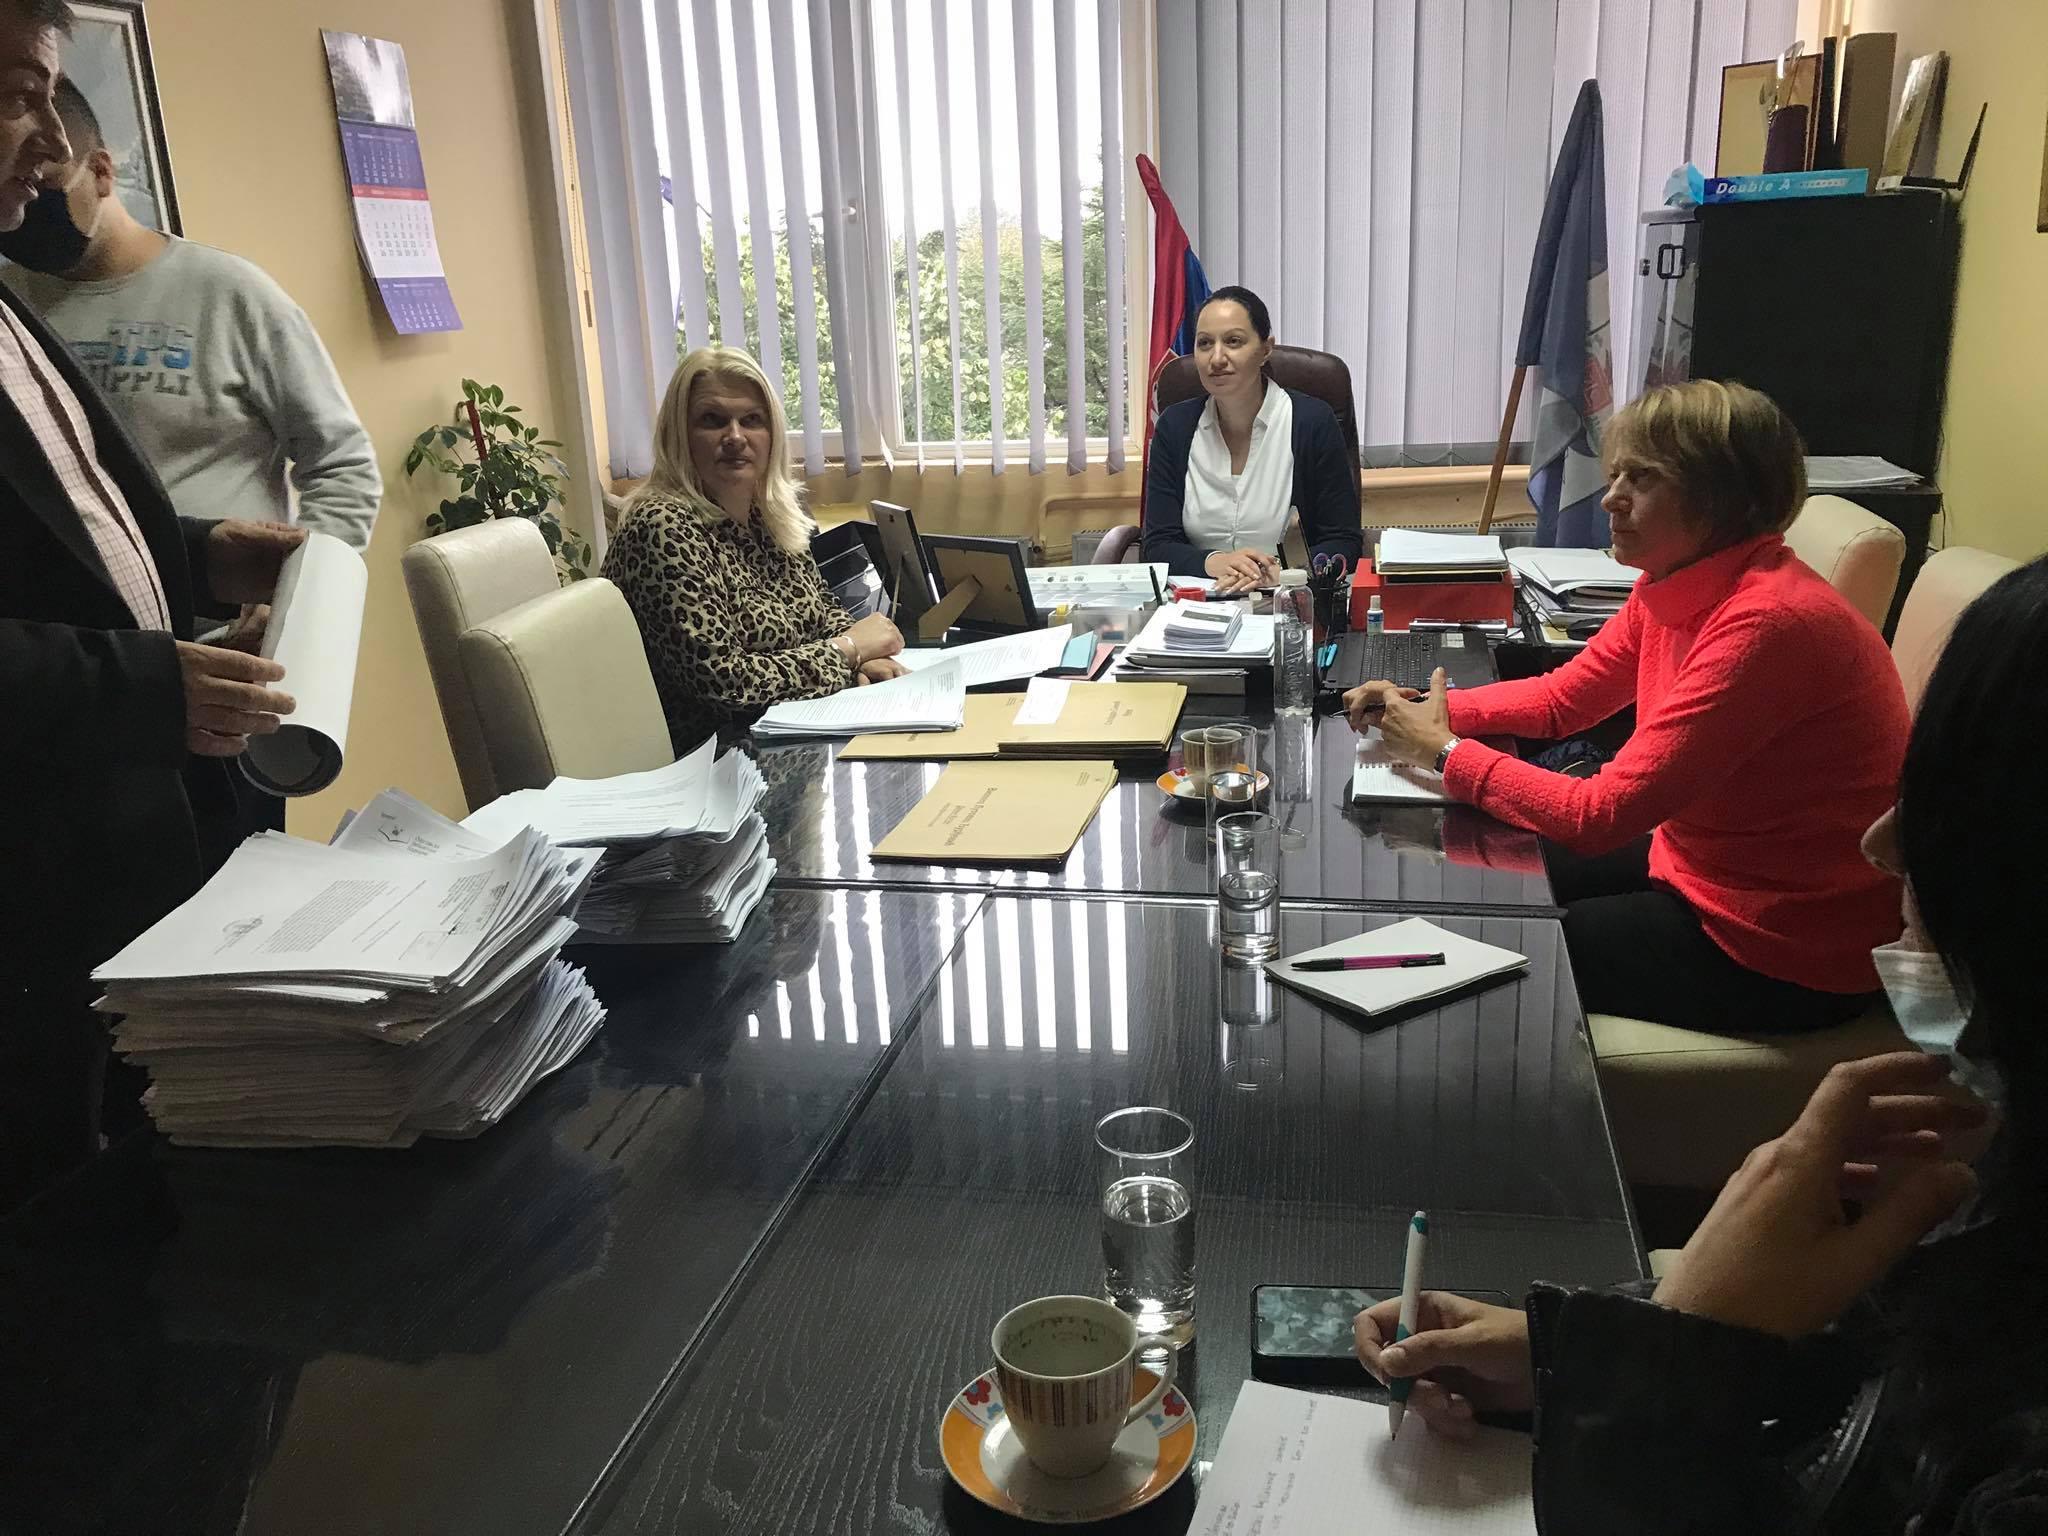 Udruzenje zena Pescanik - Sastanak sa LU Varvarin